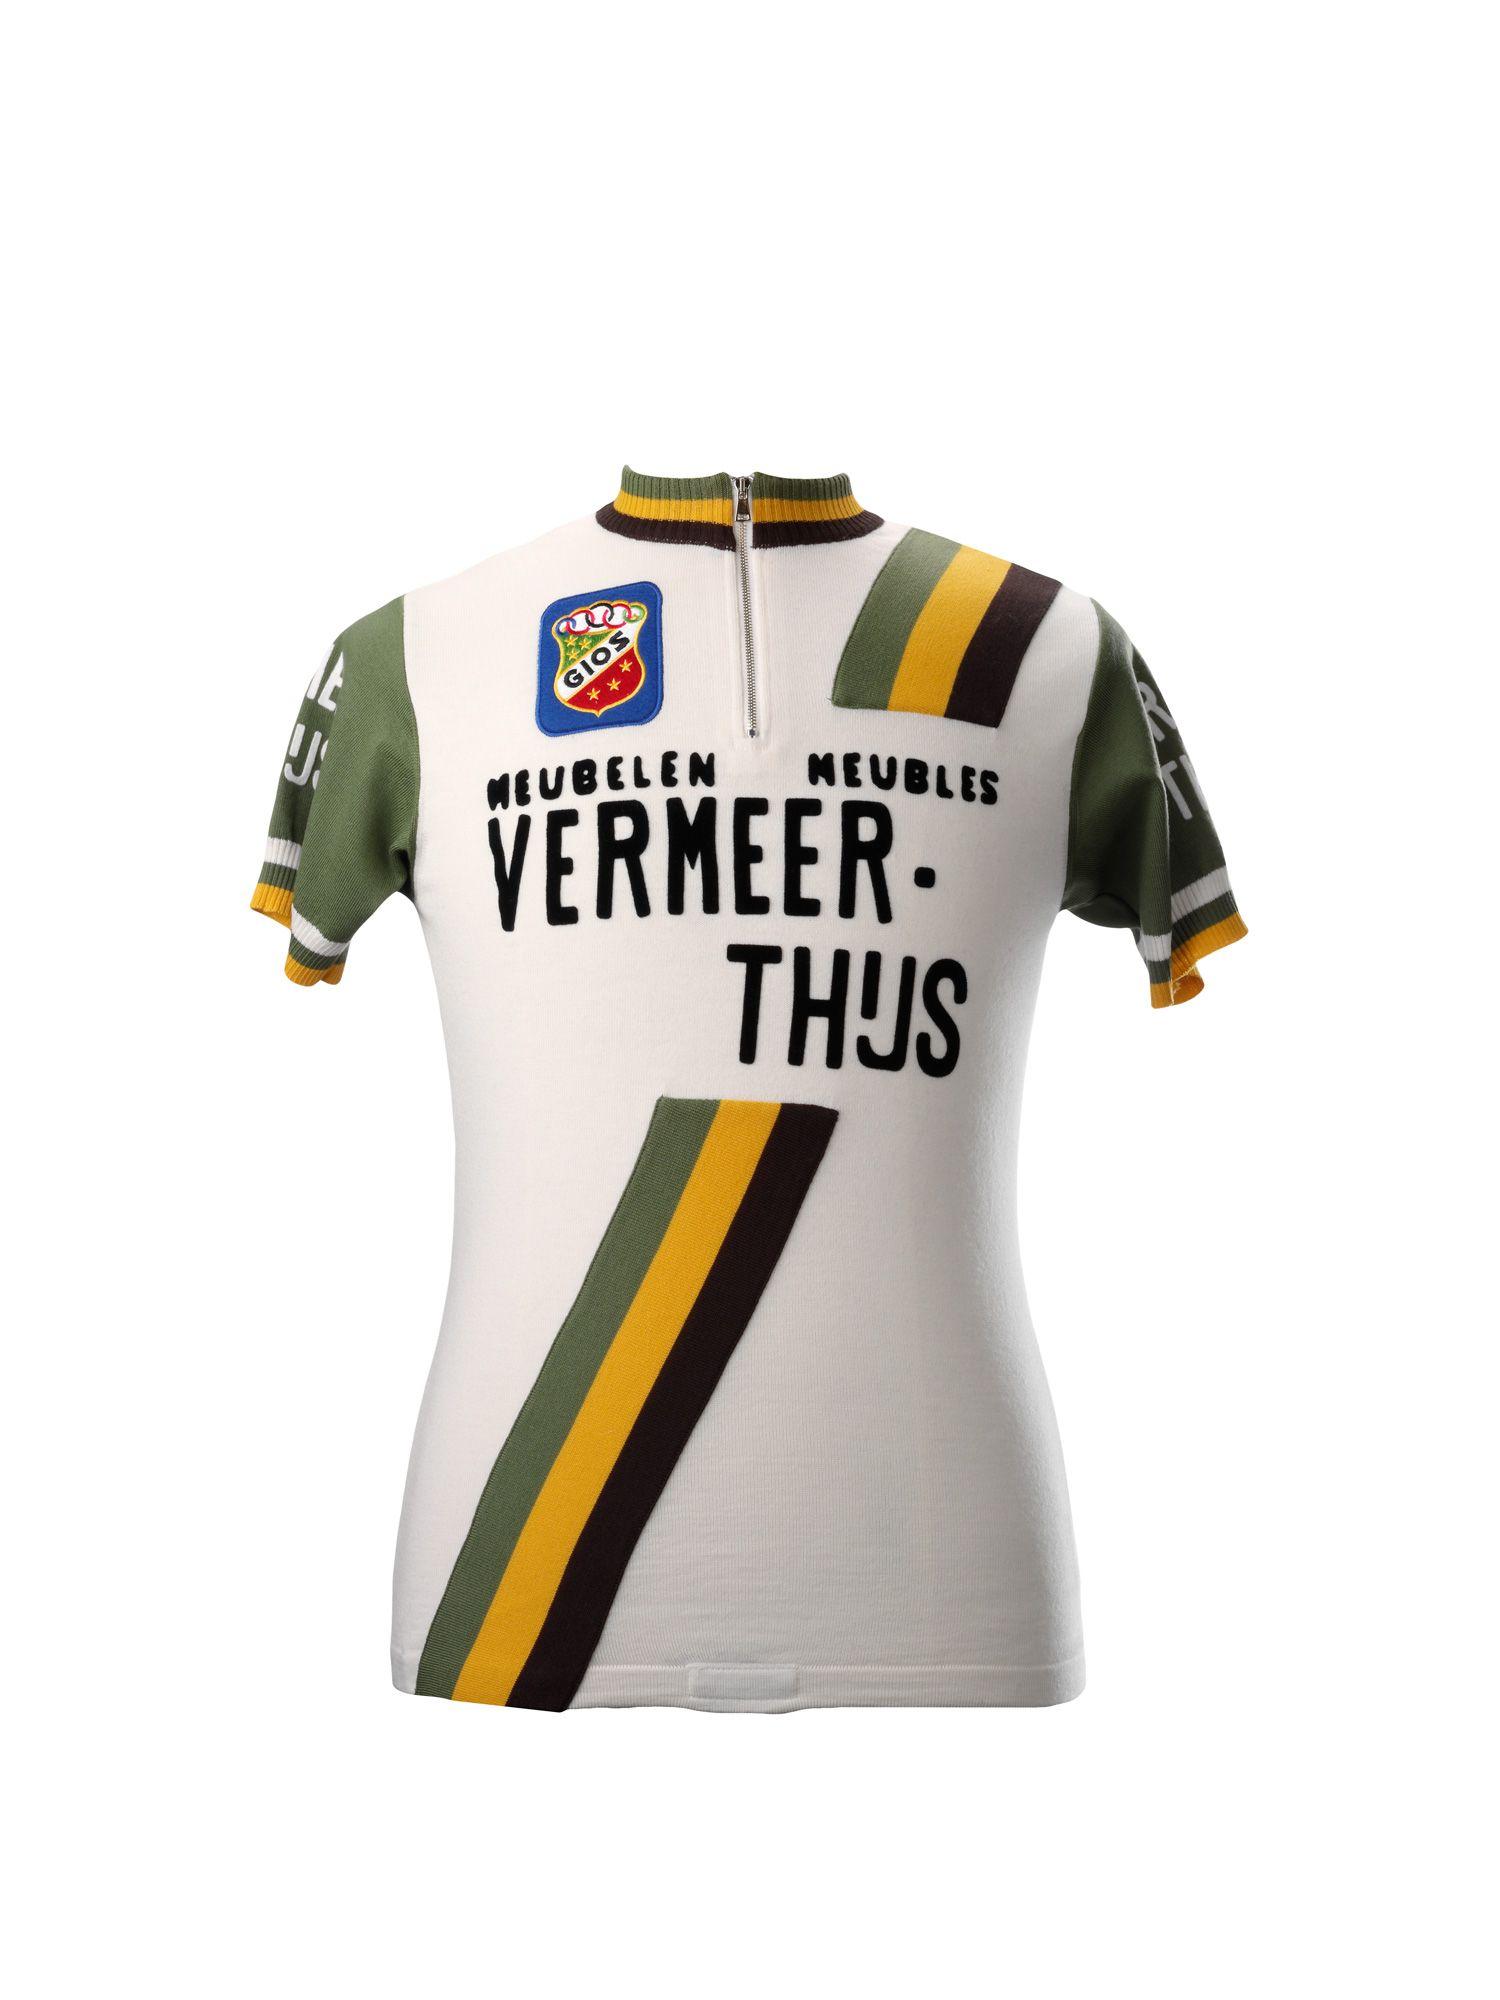 39725139b Vermeer-Thijs merino wool vintage cycling jersey